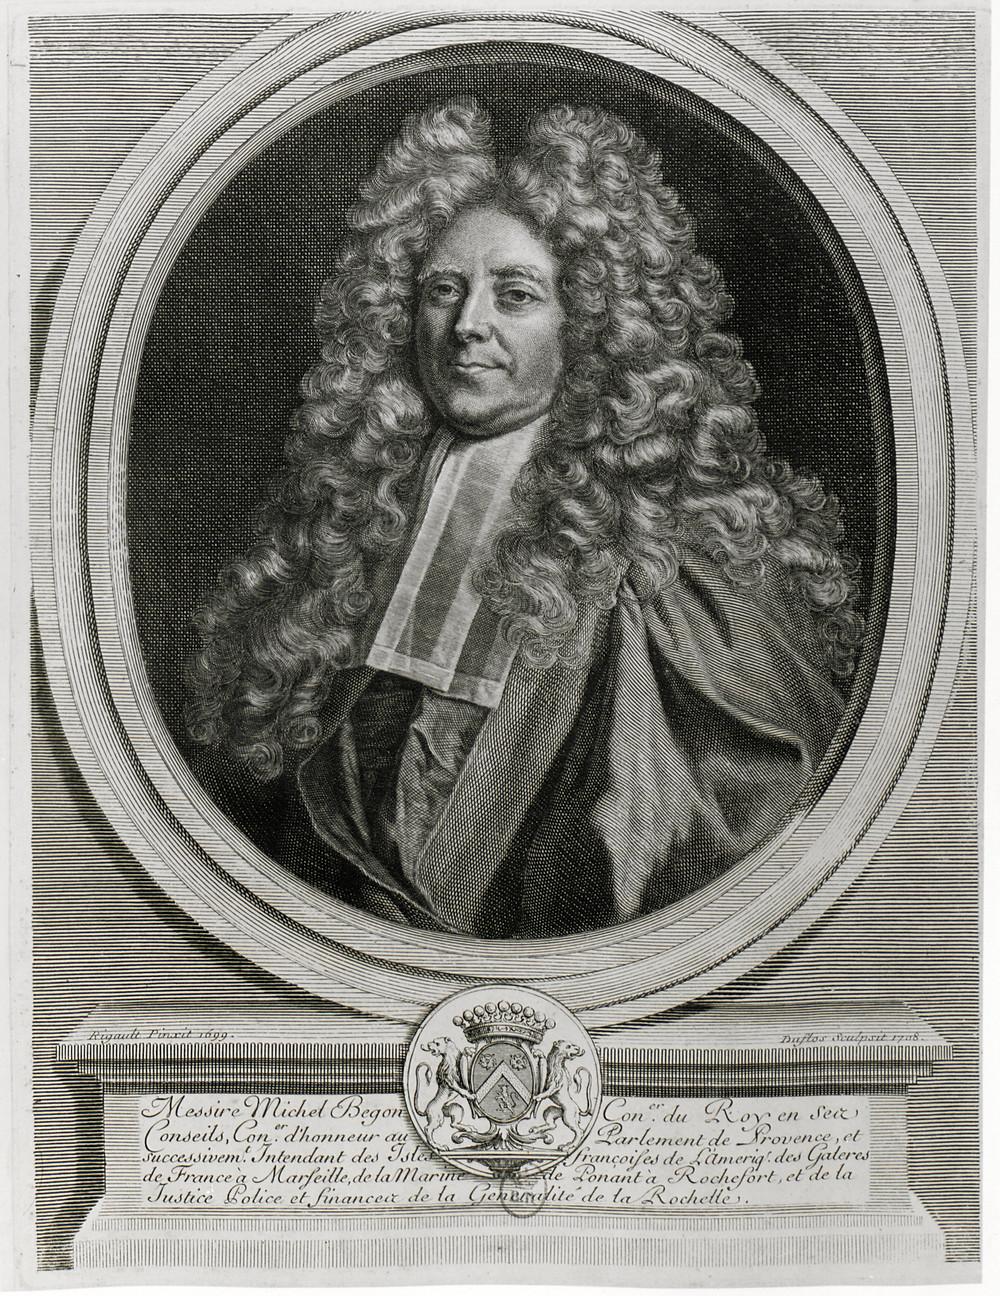 Claude Duflos d'après Hyacinthe Rigaud, Portrait de Michel Bégon l'Aîné, 1708, Paris, BnF, département des Estampes et de la la photographie, Da. 64 p. 117 [57]